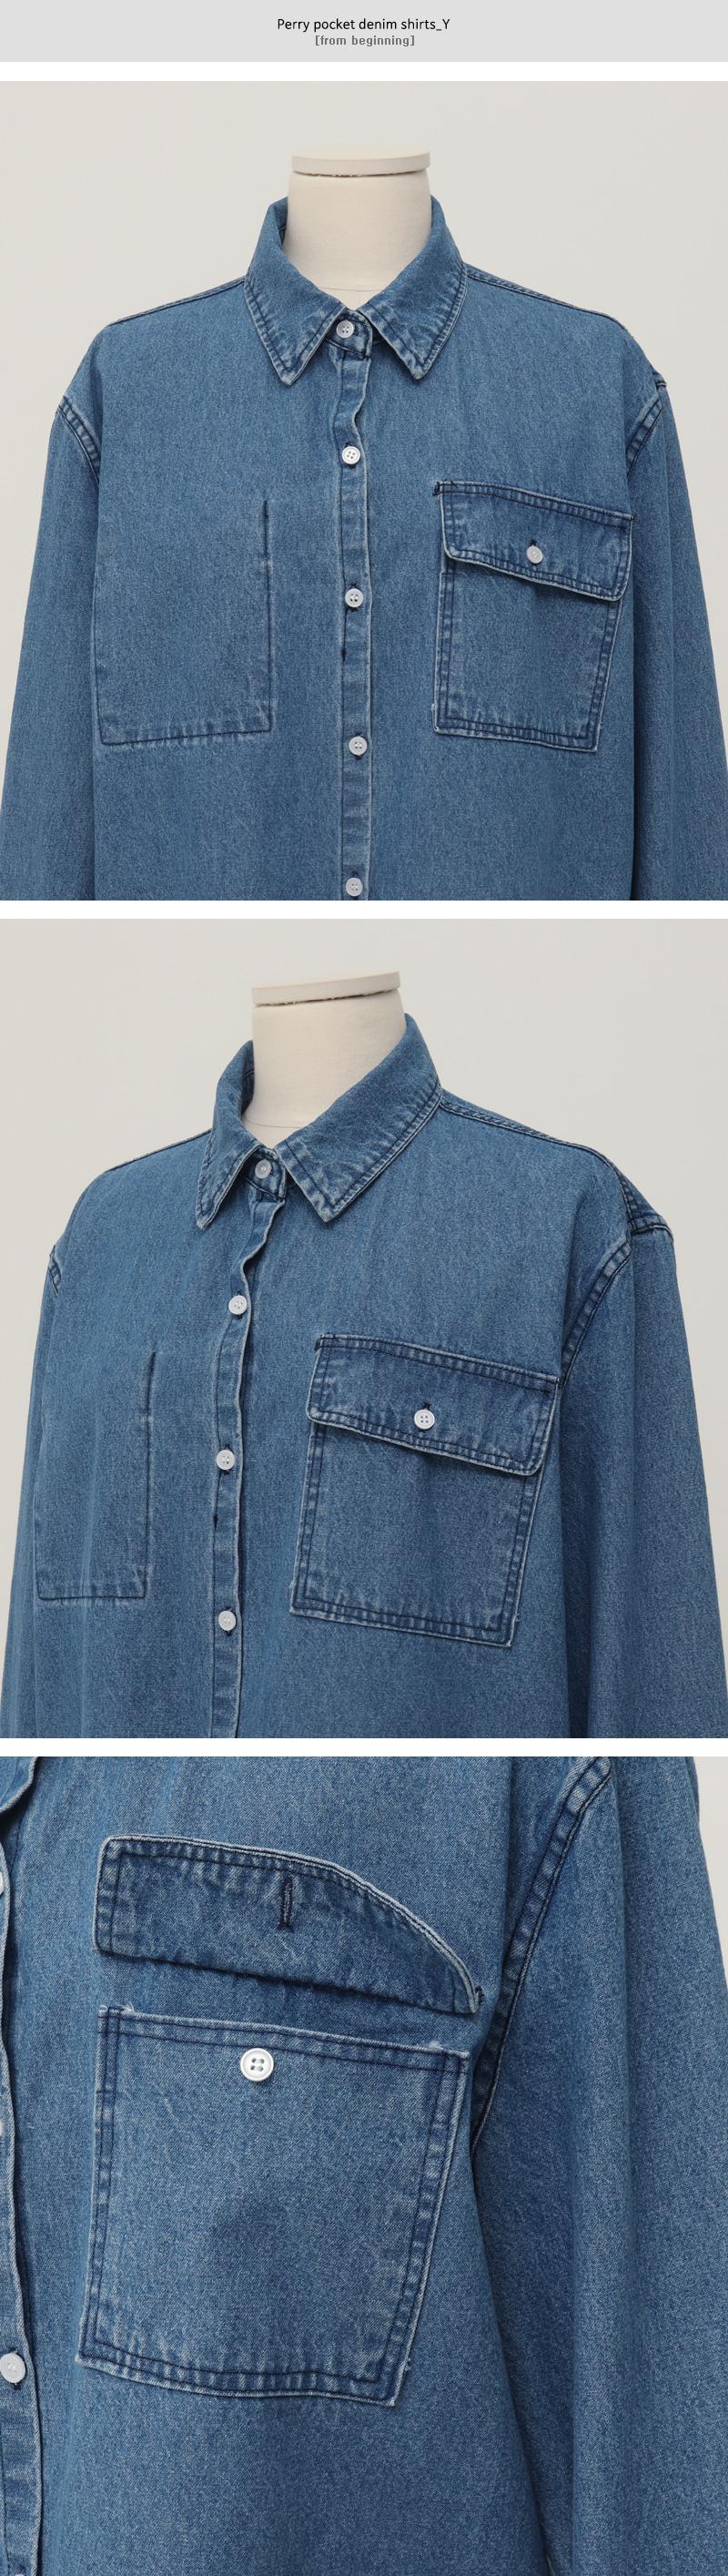 Perry pocket denim shirts_Y